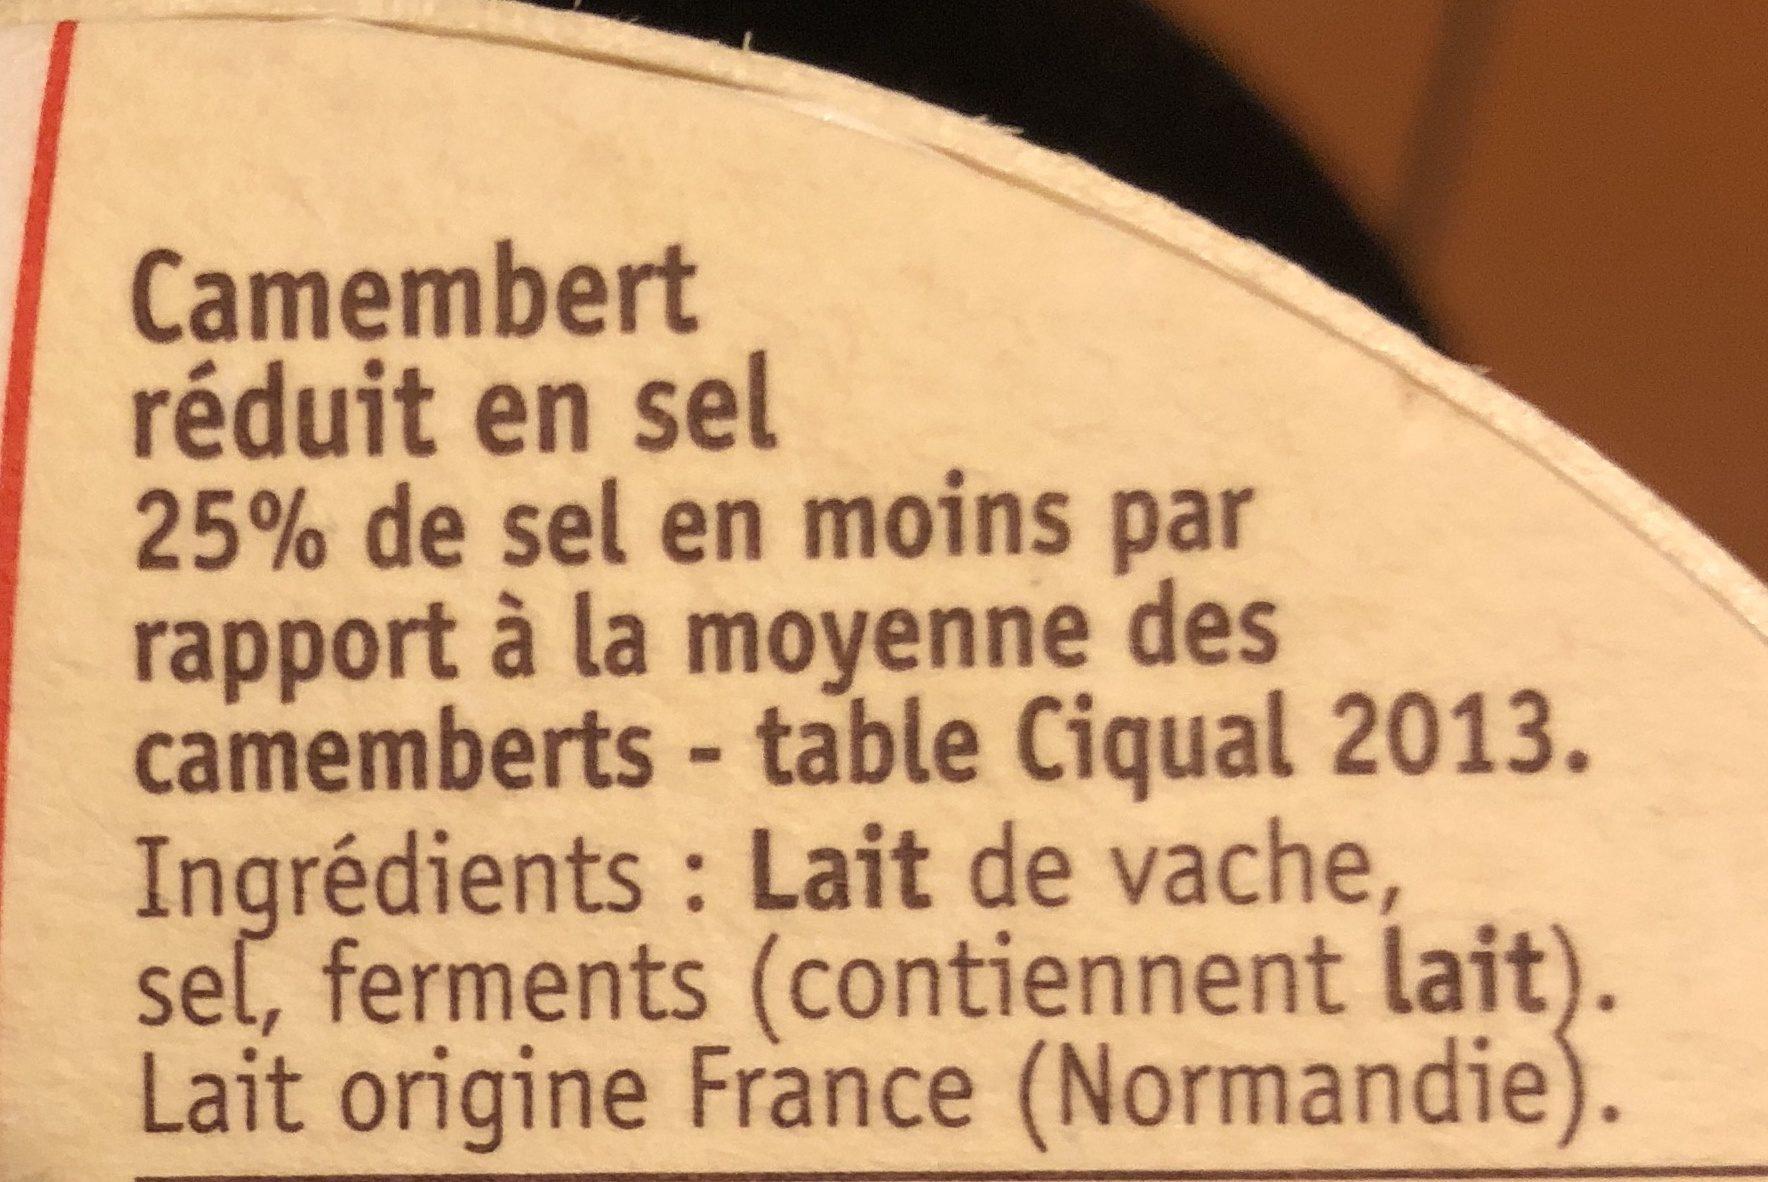 Camembert Sel Réduit de 25% - Ingrédients